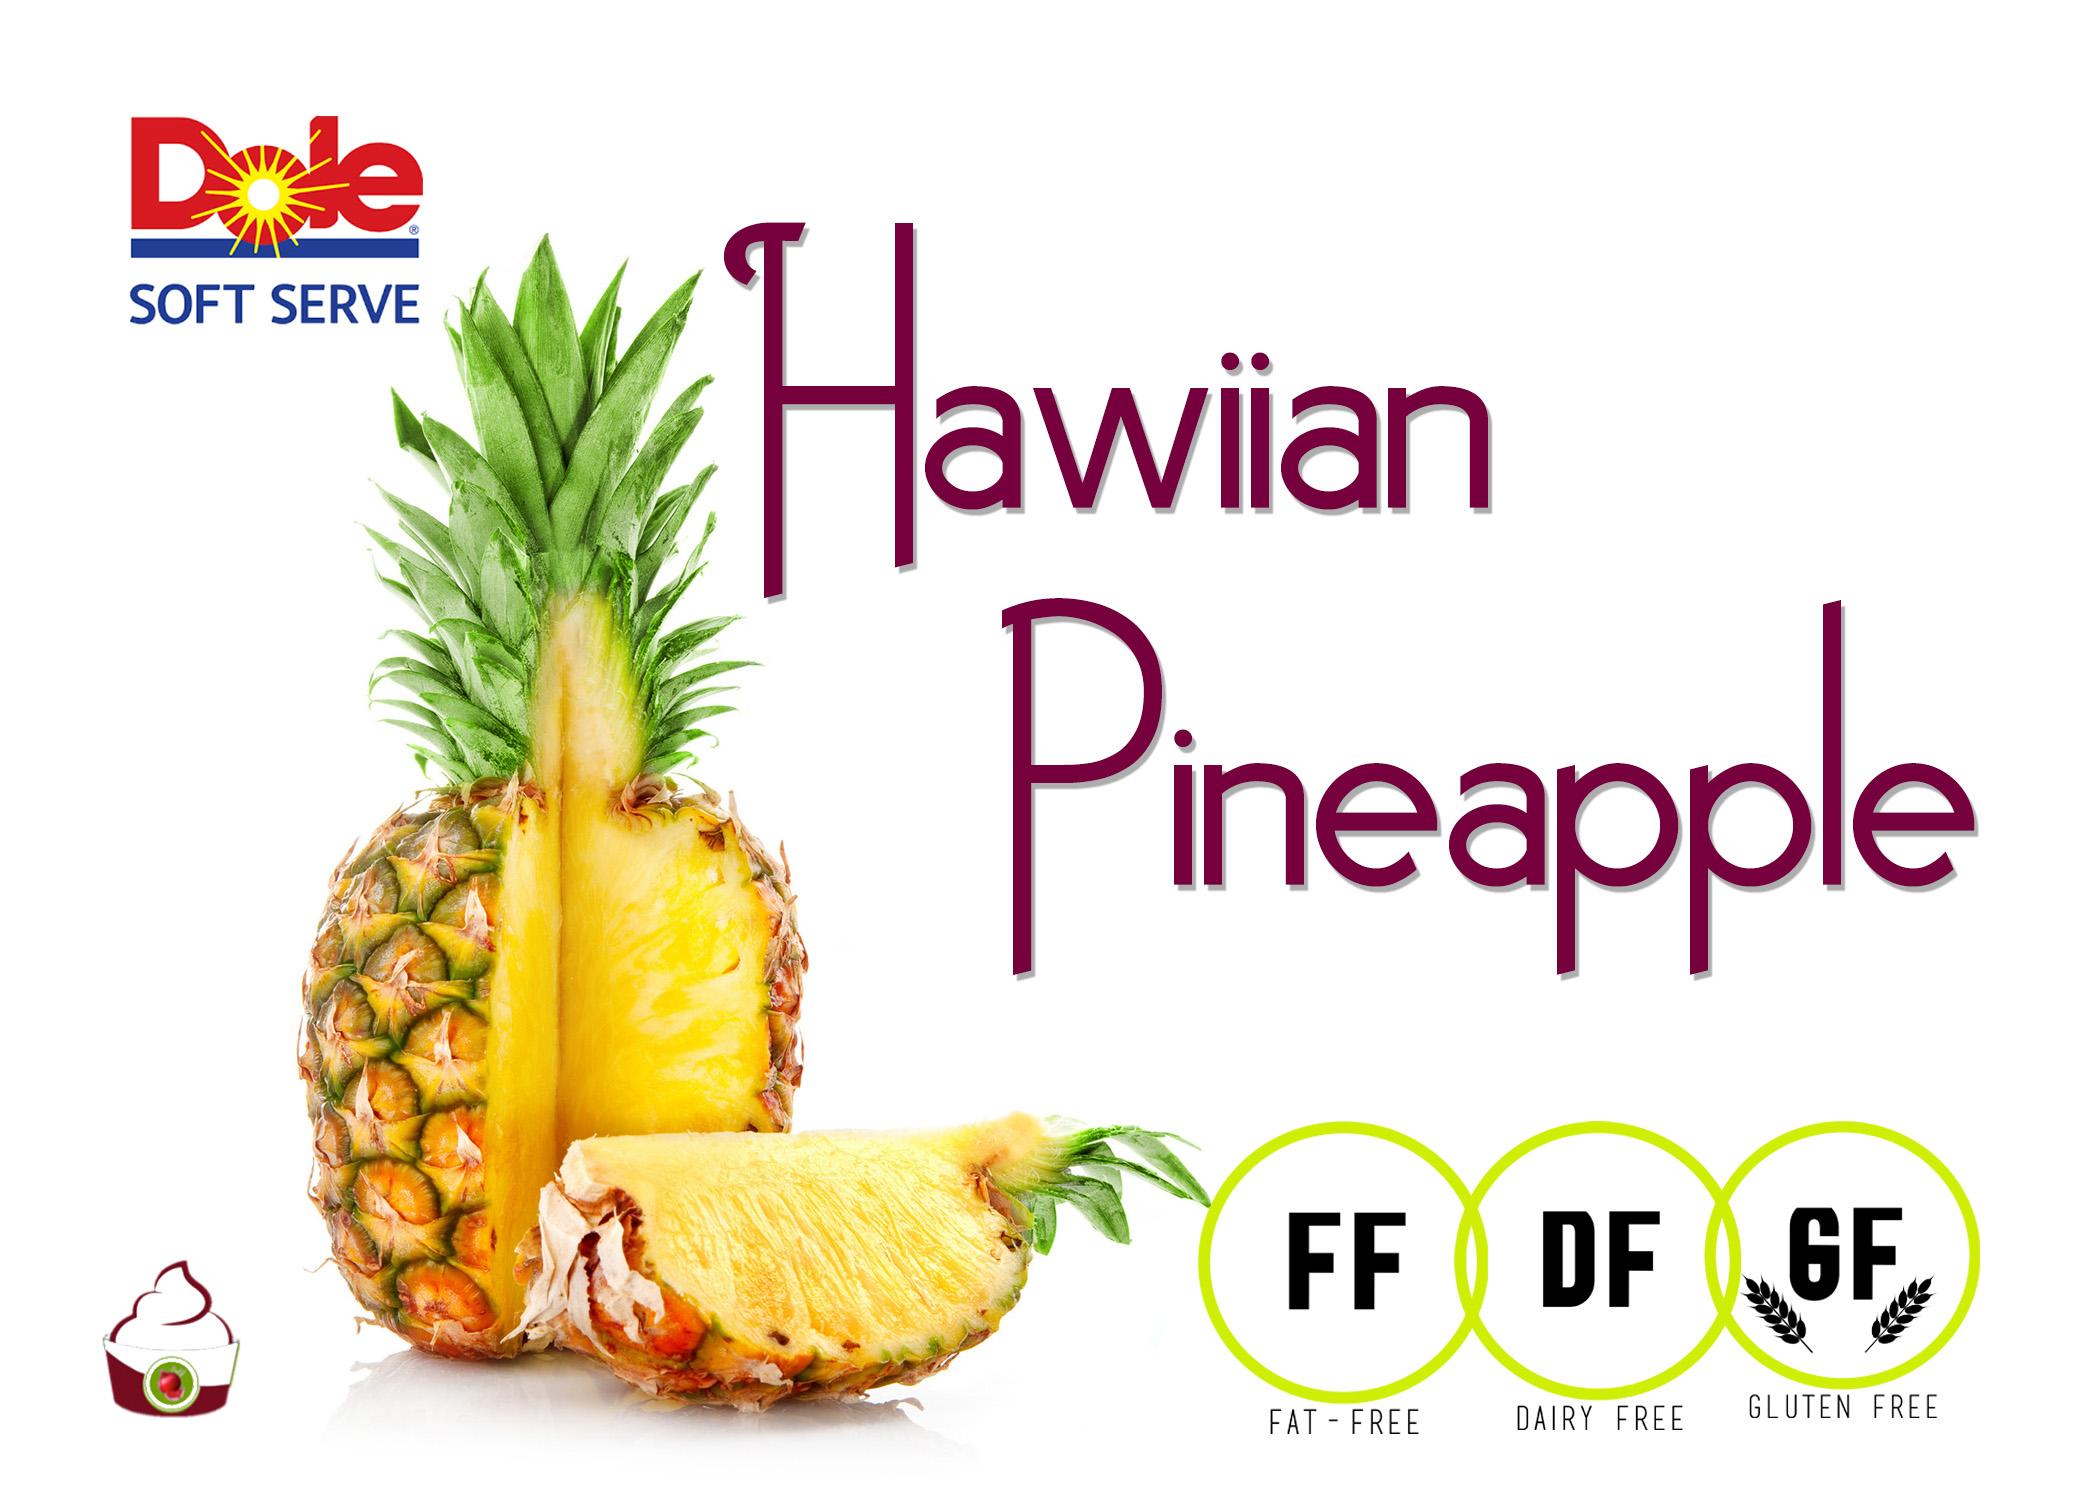 hawiian pineapple.jpg